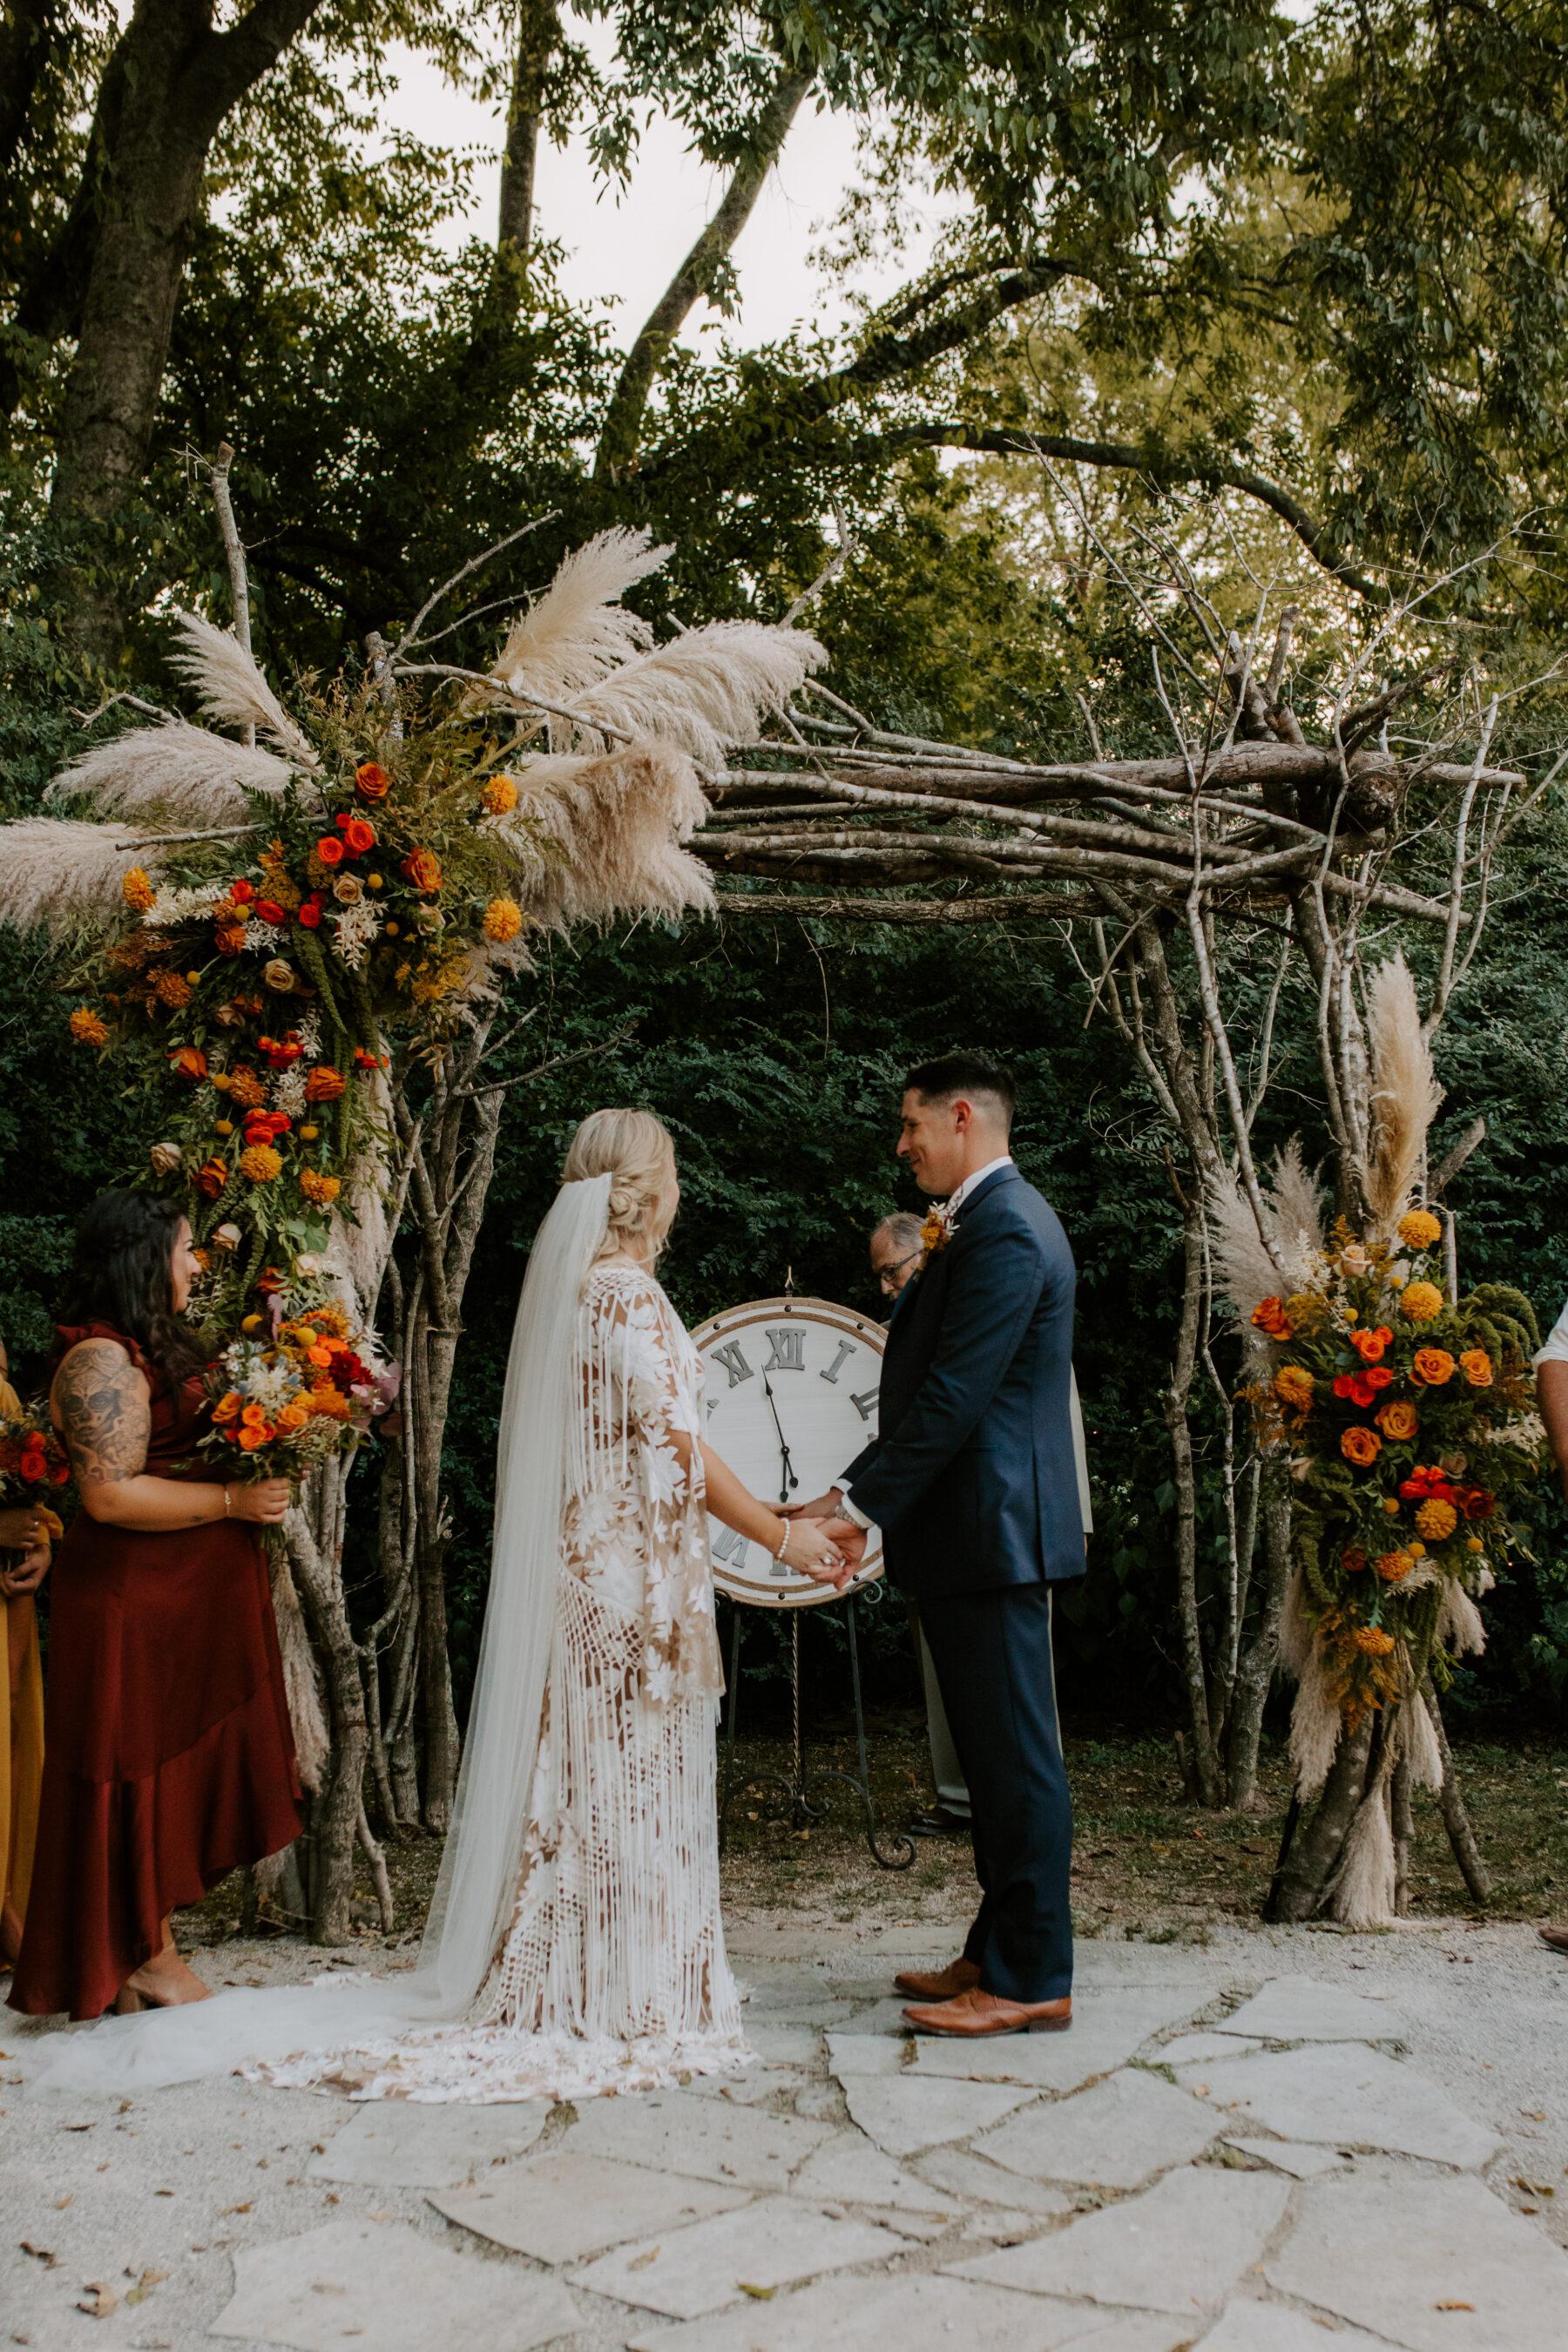 Meadow Hill Farm outdoor wedding ceremony